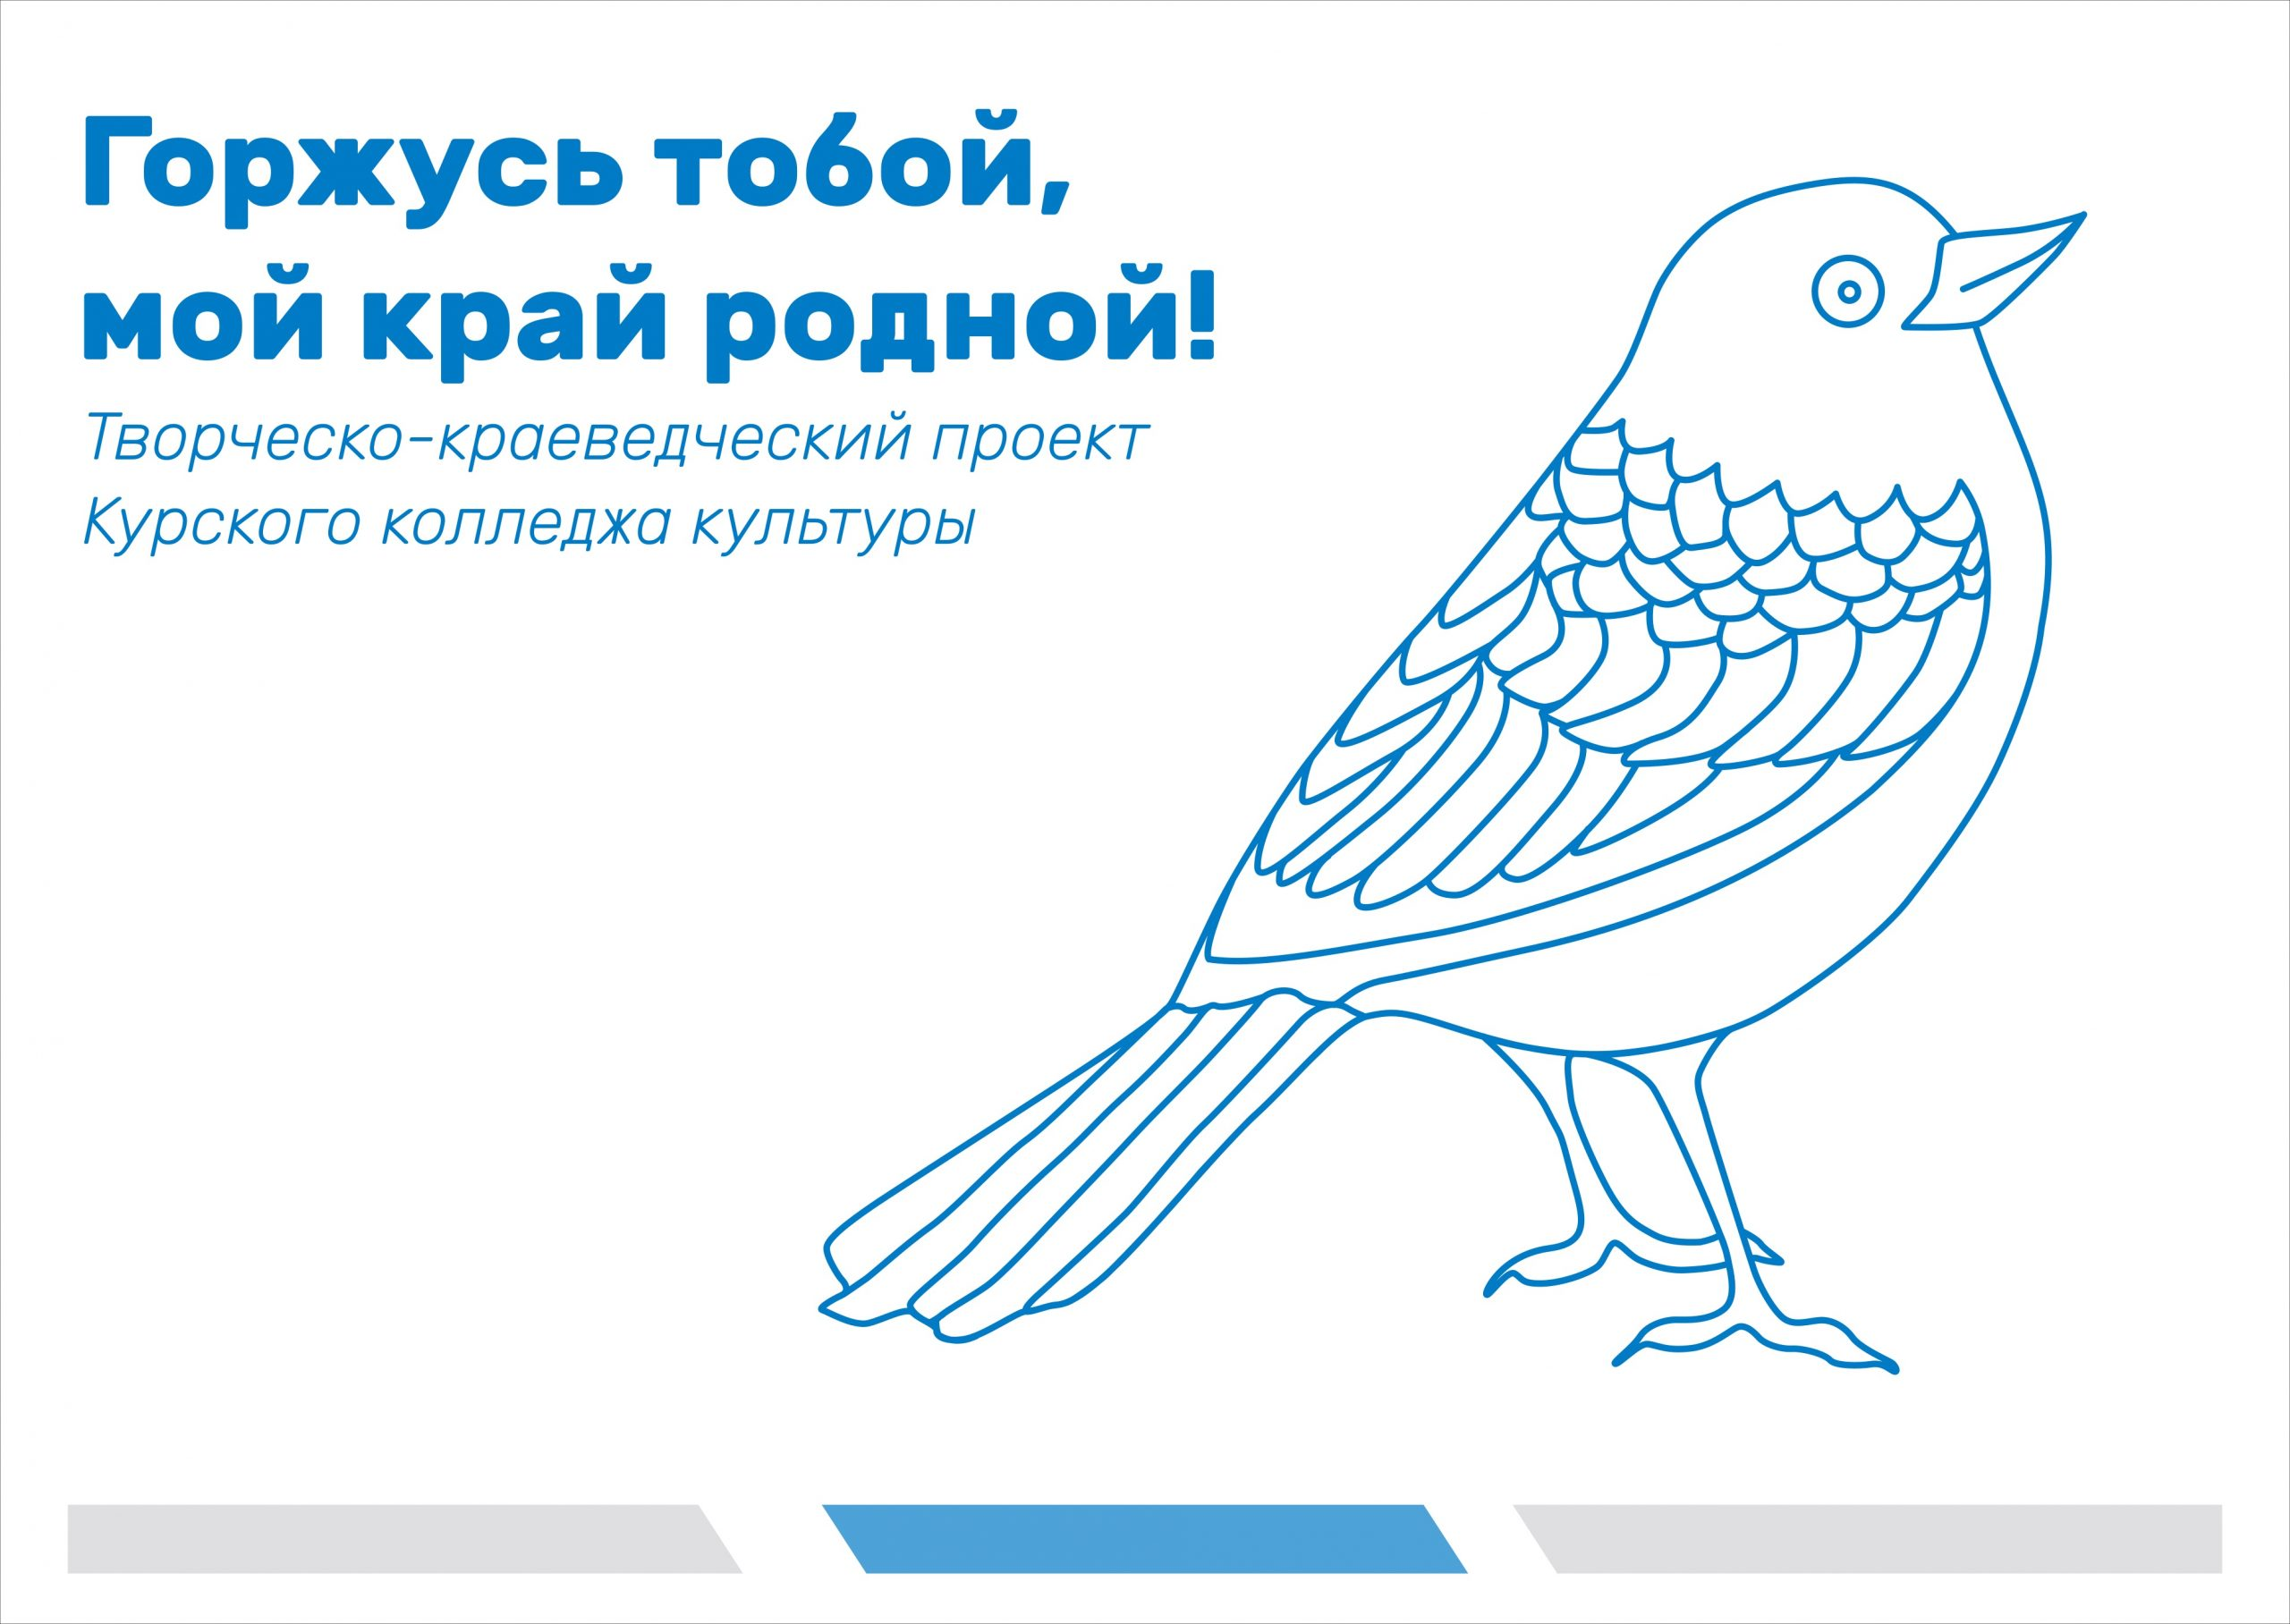 Итоги областного конкурса творческих работ в рамках реализации творческо-краеведческого проекта «Горжусь тобой, мой край родной»